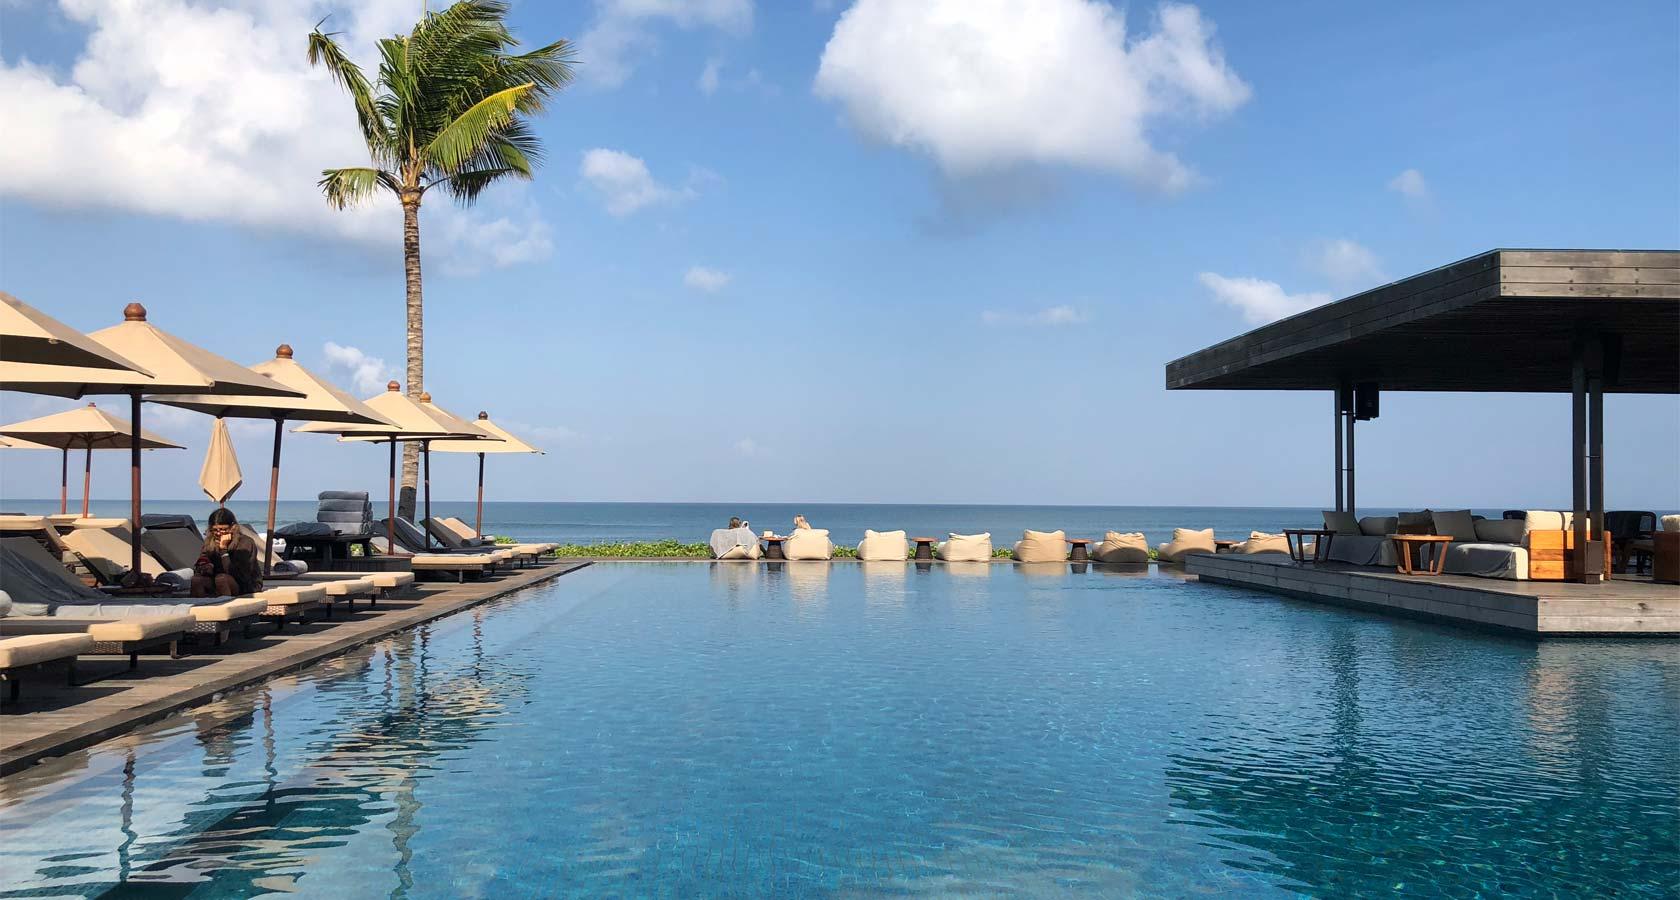 ALILA SEMINYAK Beach Bar pool blue water